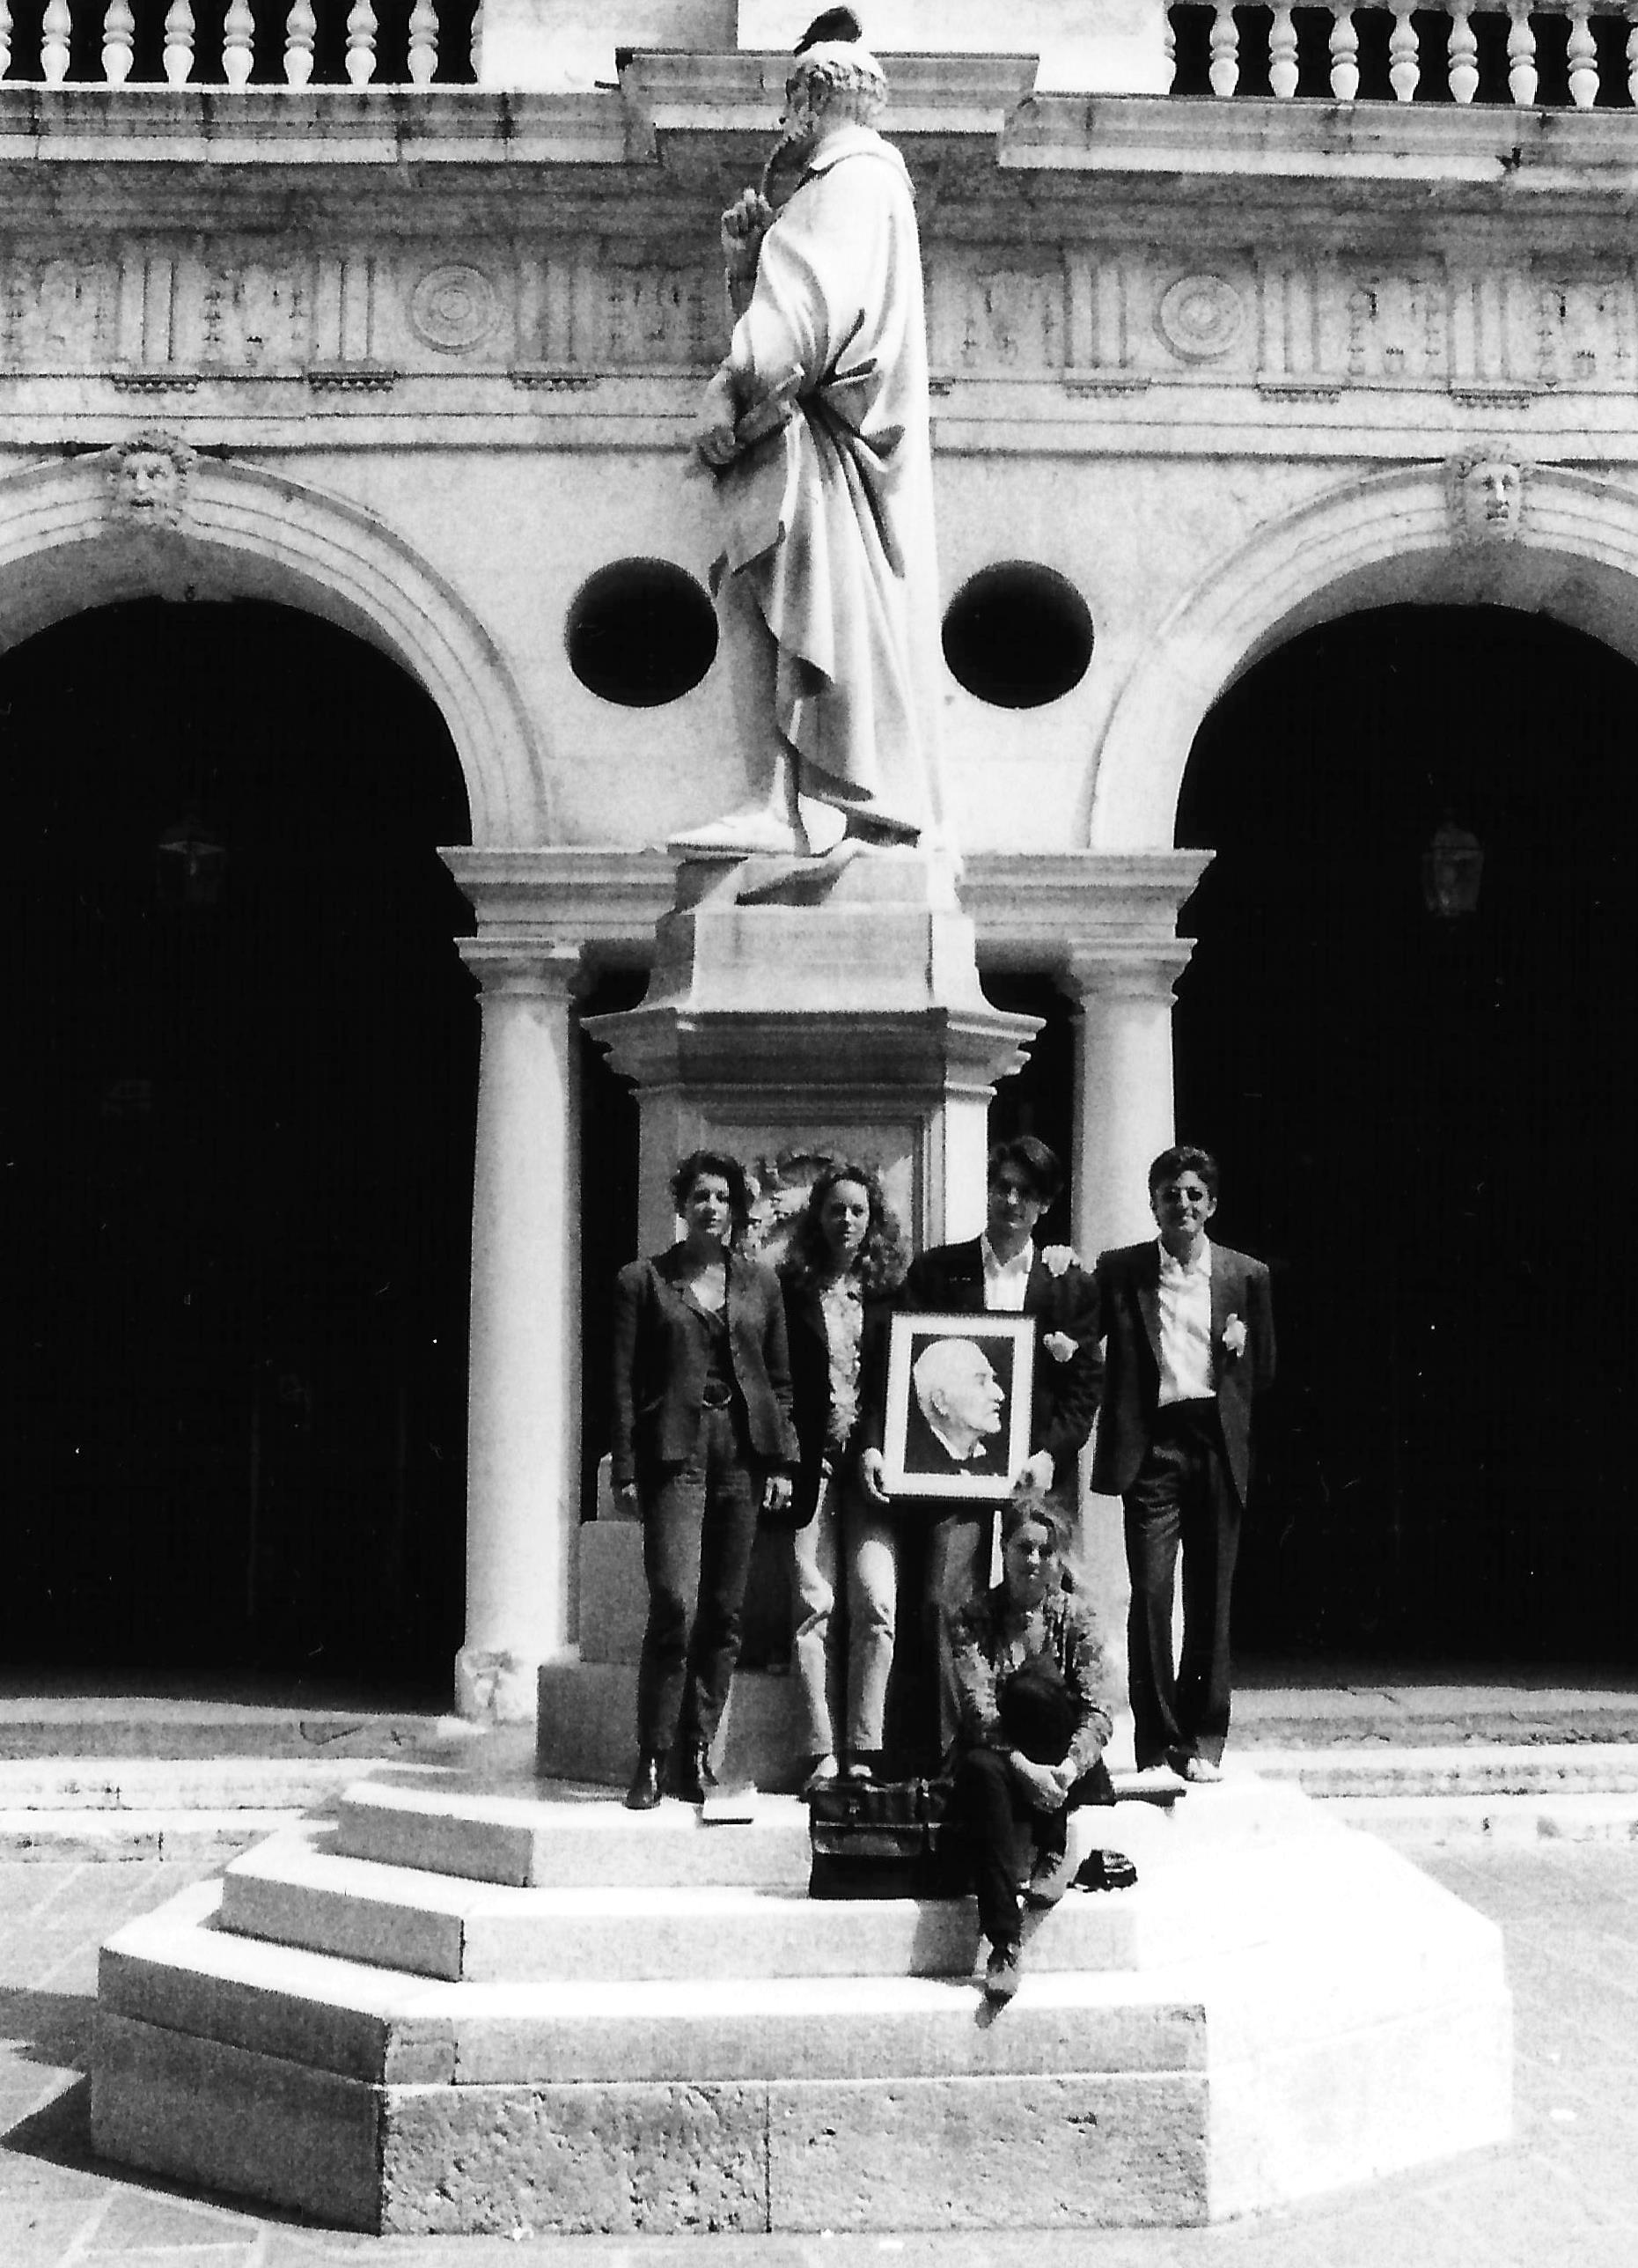 In viaggio con Carl Jacob Christoph Burckhardt! Con un ritratto dello storico a Vicenza nel 1993: Nina Huygen, Machteld Voss, Marieke Oudejans, Davide Tardivo e Roberto Coaloa.